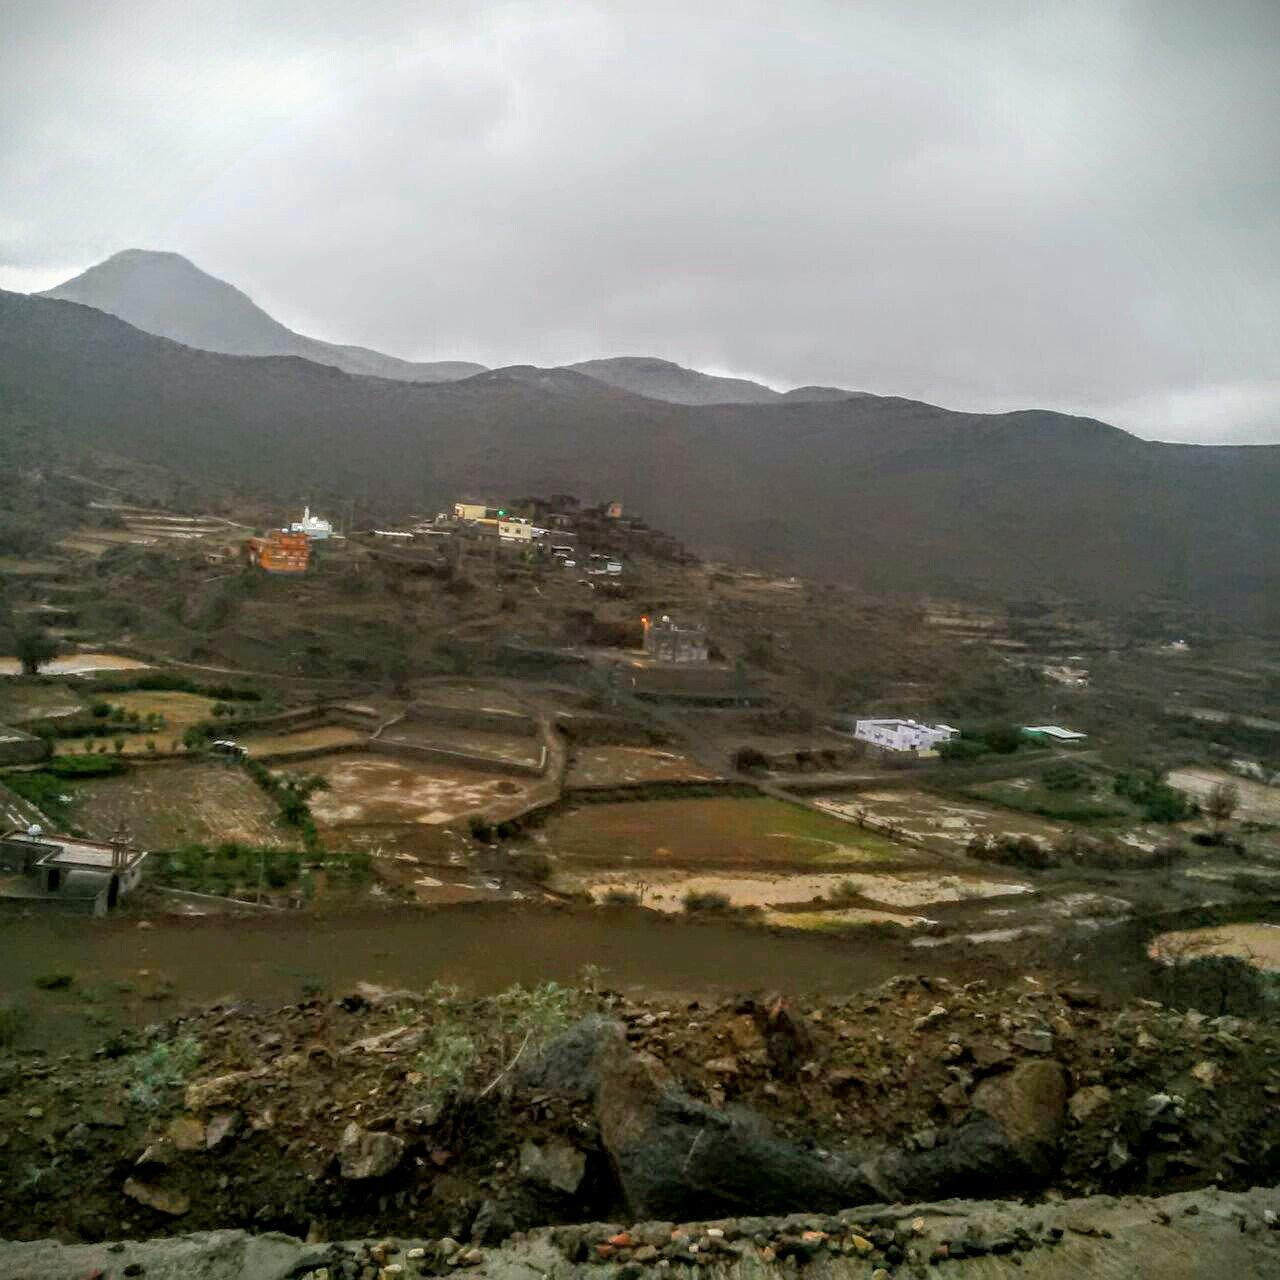 من امطار بني مالك على قري شوقب اليوم السبت 1437/6/24 CfDbZ16WsAU-CD5